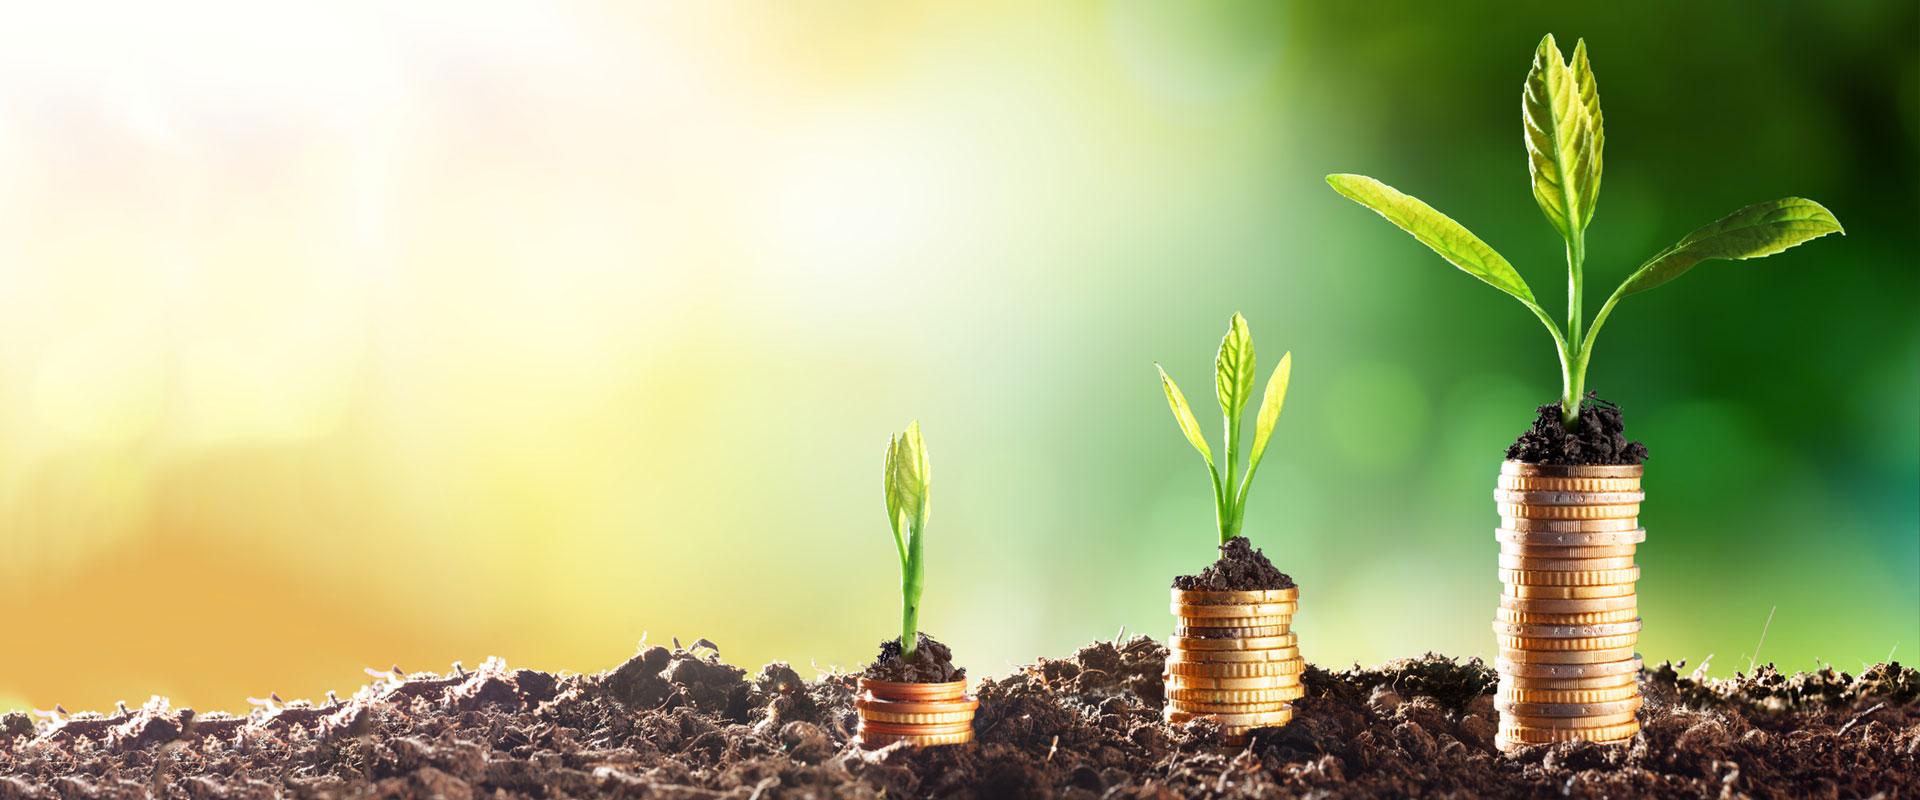 Tipy, kam investovat peníze na zhodnocení v současné době